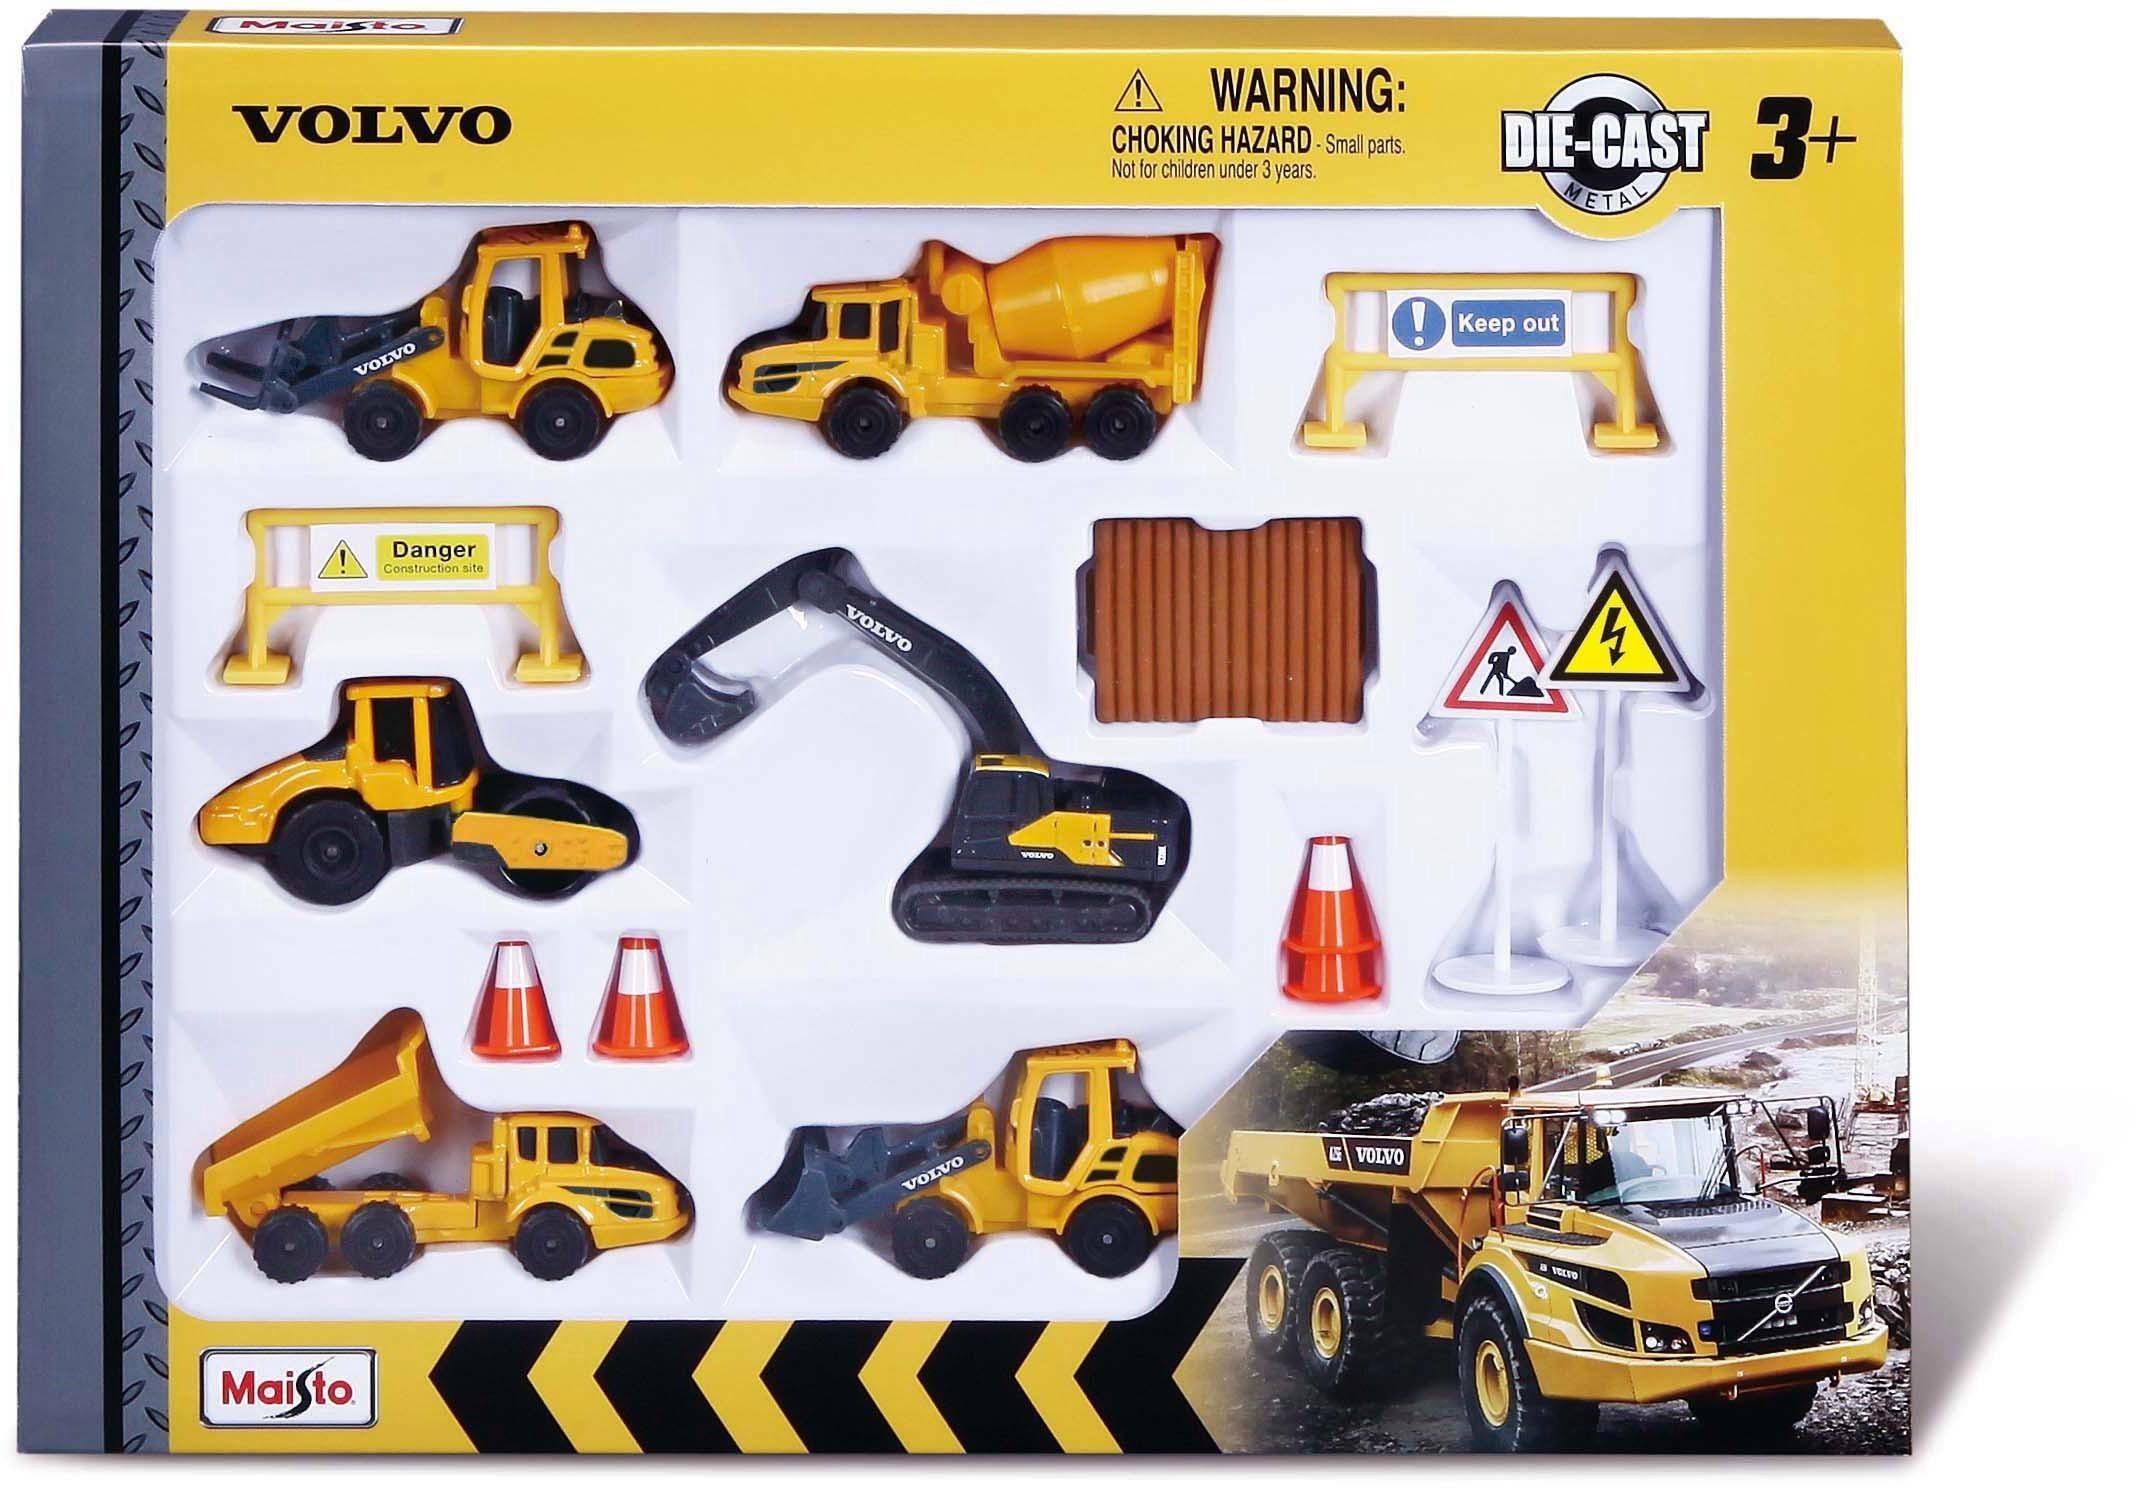 Maisto Spielzeug-Auto Volvo Baufahrzeuge Set (Set) gelb Kinder Ab 3-5 Jahren Altersempfehlung Spielzeugfahrzeuge